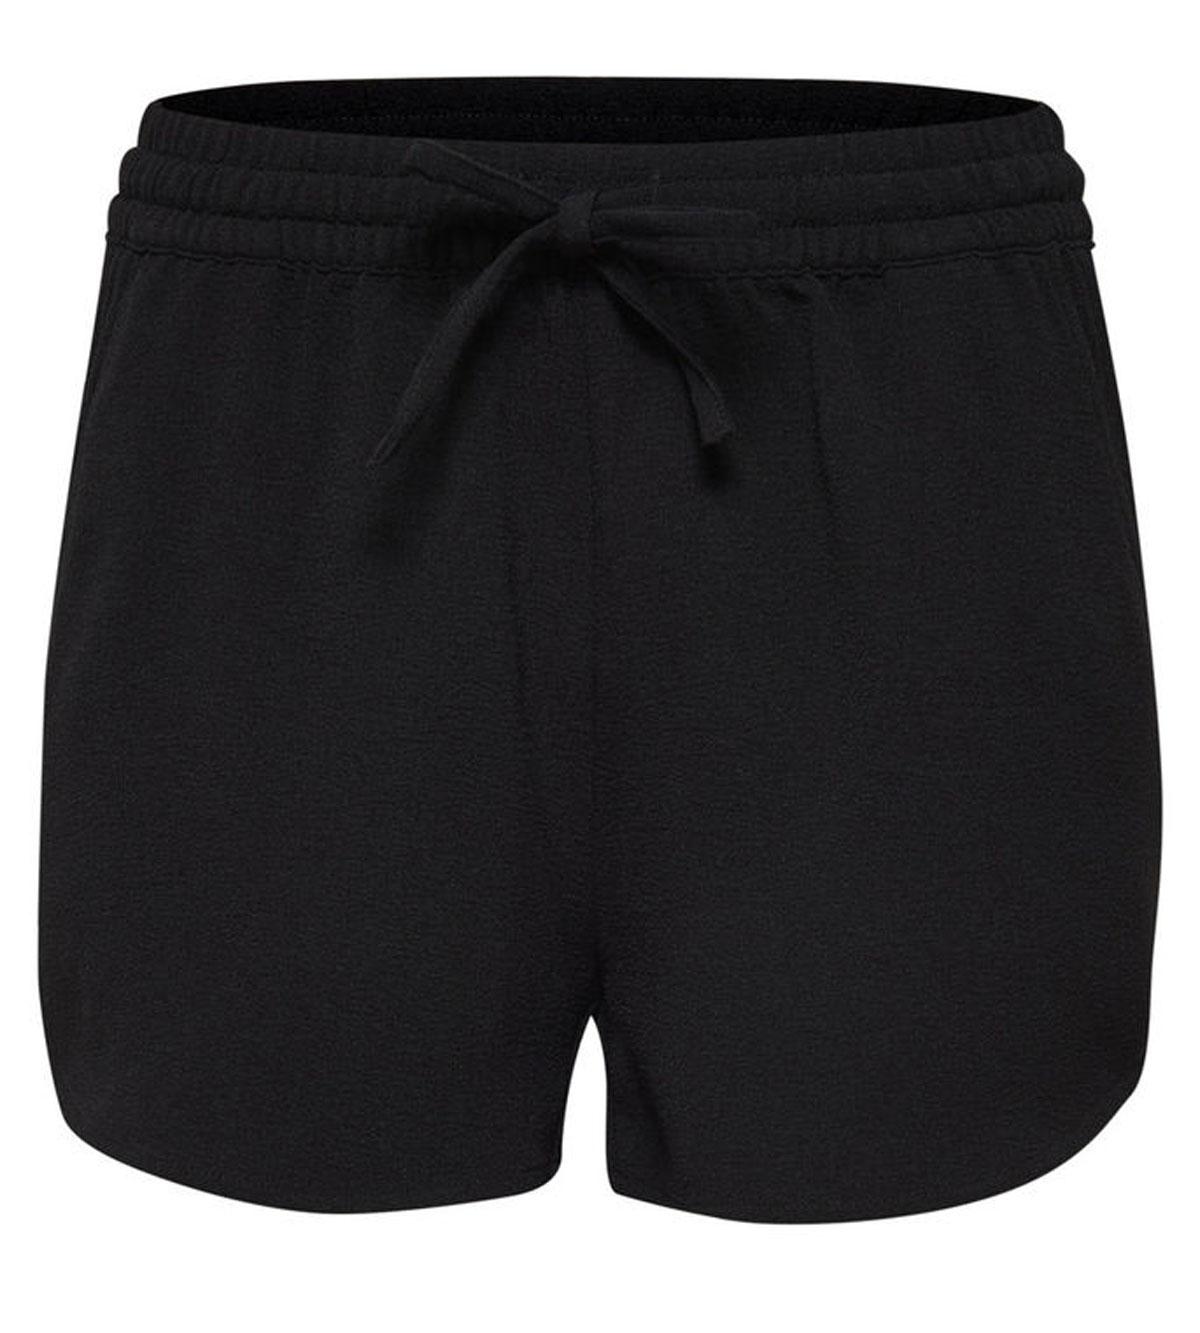 Шорты женские Only, цвет: черный. 15123924_Black. Размер 38 (44)15123924_BlackСтильные женские шорты Only, изготовленные из высококачественного материала, созданы для модных и смелых девушек.Модель с резинкой на поясе и завязками. В этих модных шортах вы будете чувствовать себя уверенно, оставаясь в центре внимания.